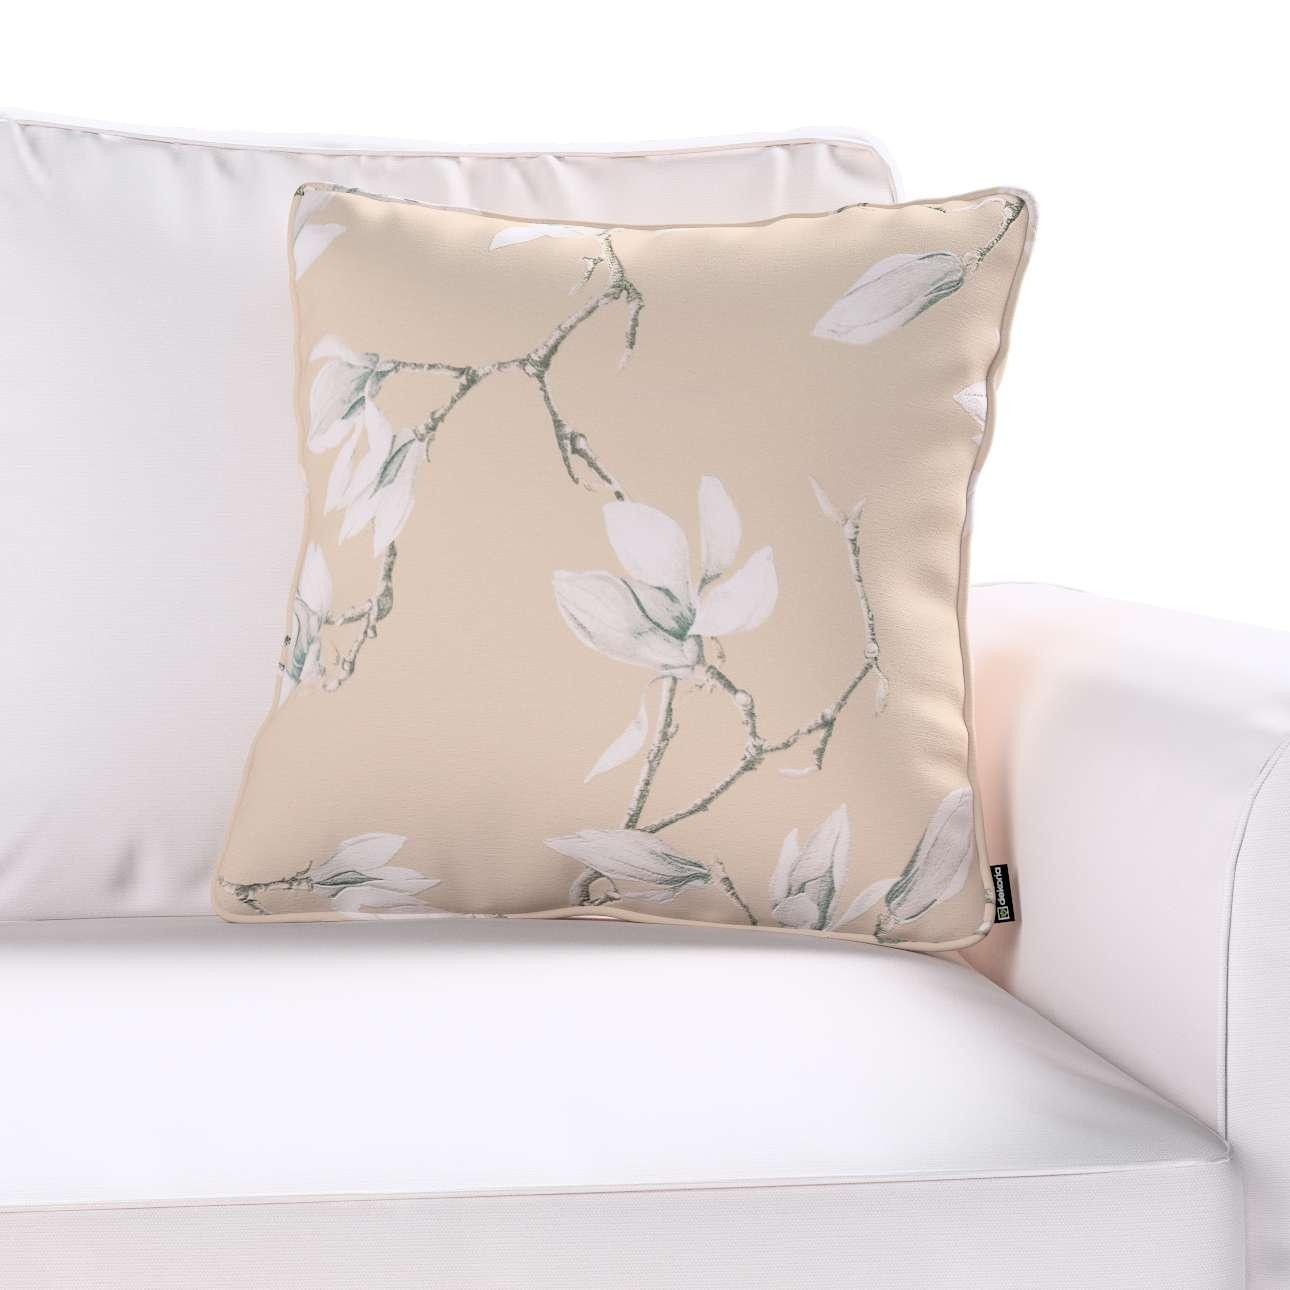 Poszewka Gabi na poduszkę 45 x 45 cm w kolekcji Flowers, tkanina: 311-12